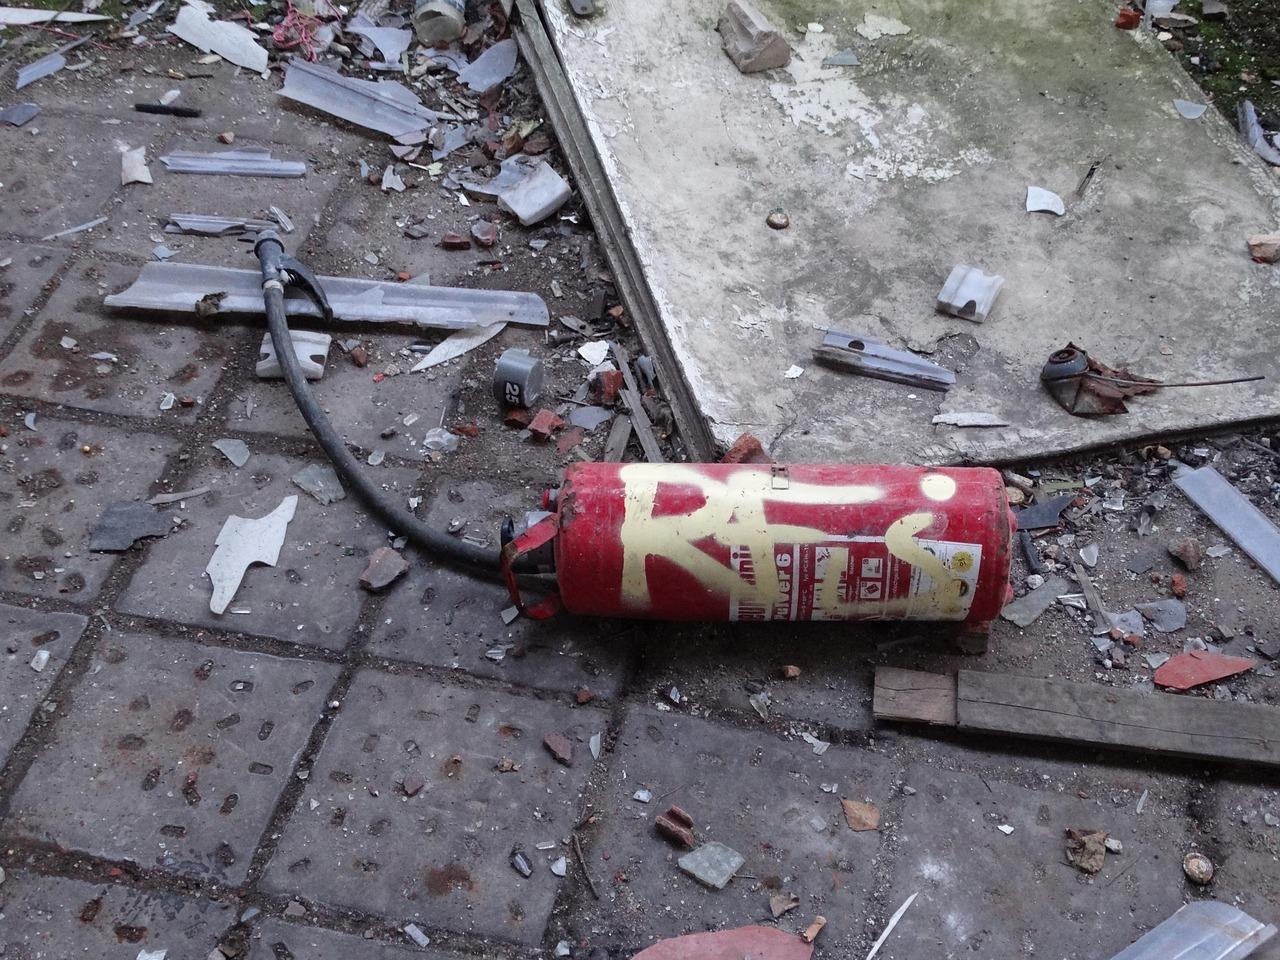 Gebrauchte Feuerlöscher solltest du in jedem Fall fachgerecht entsorgen.